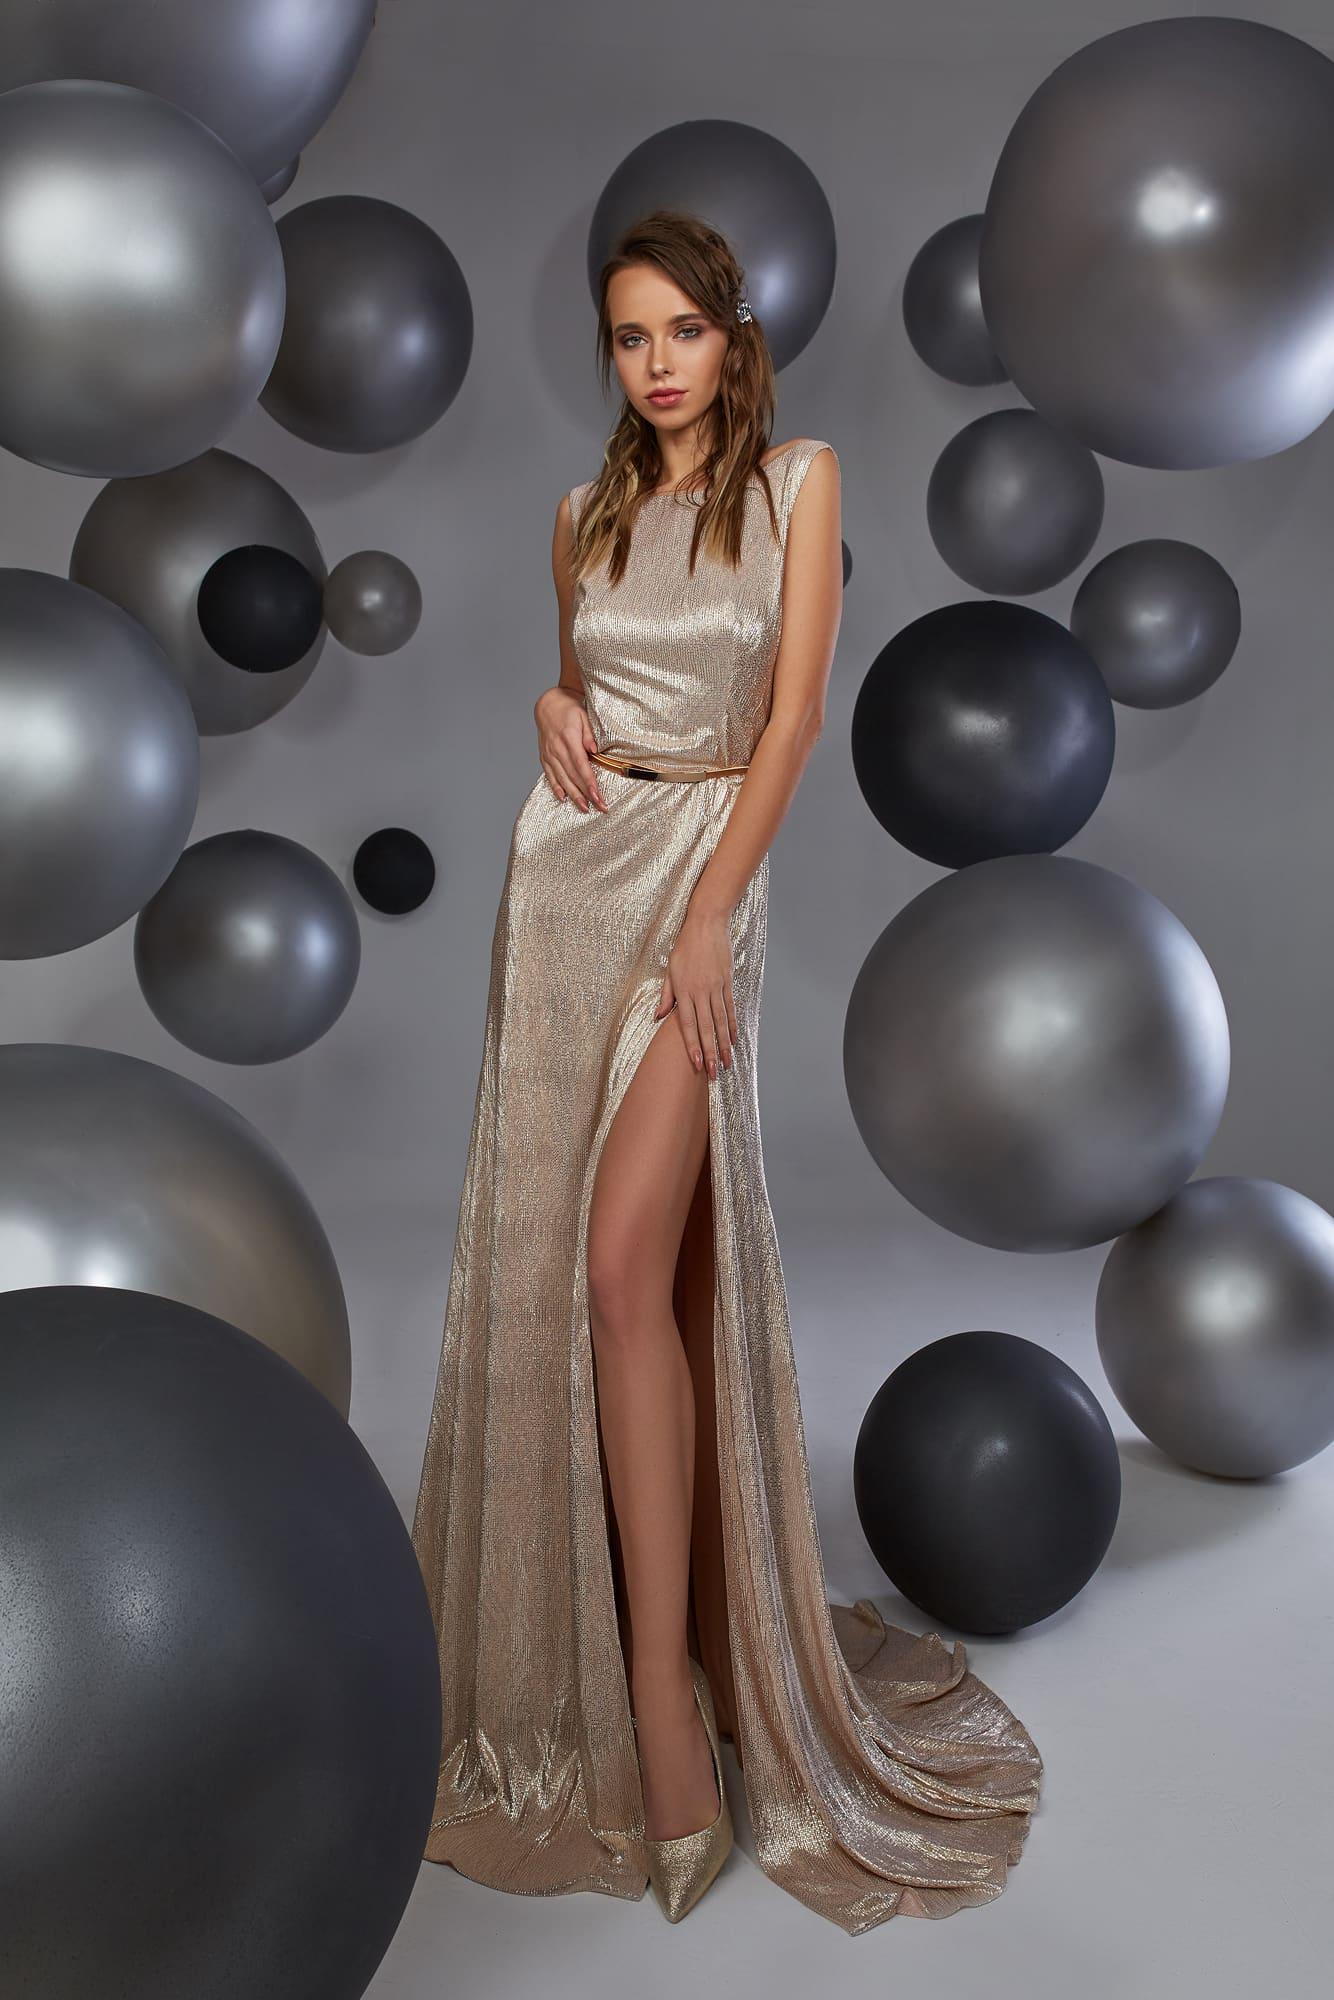 ef08a96664b7038 Золотистое вечернее платье прямого кроя с потрясающим вырезом на спинке.